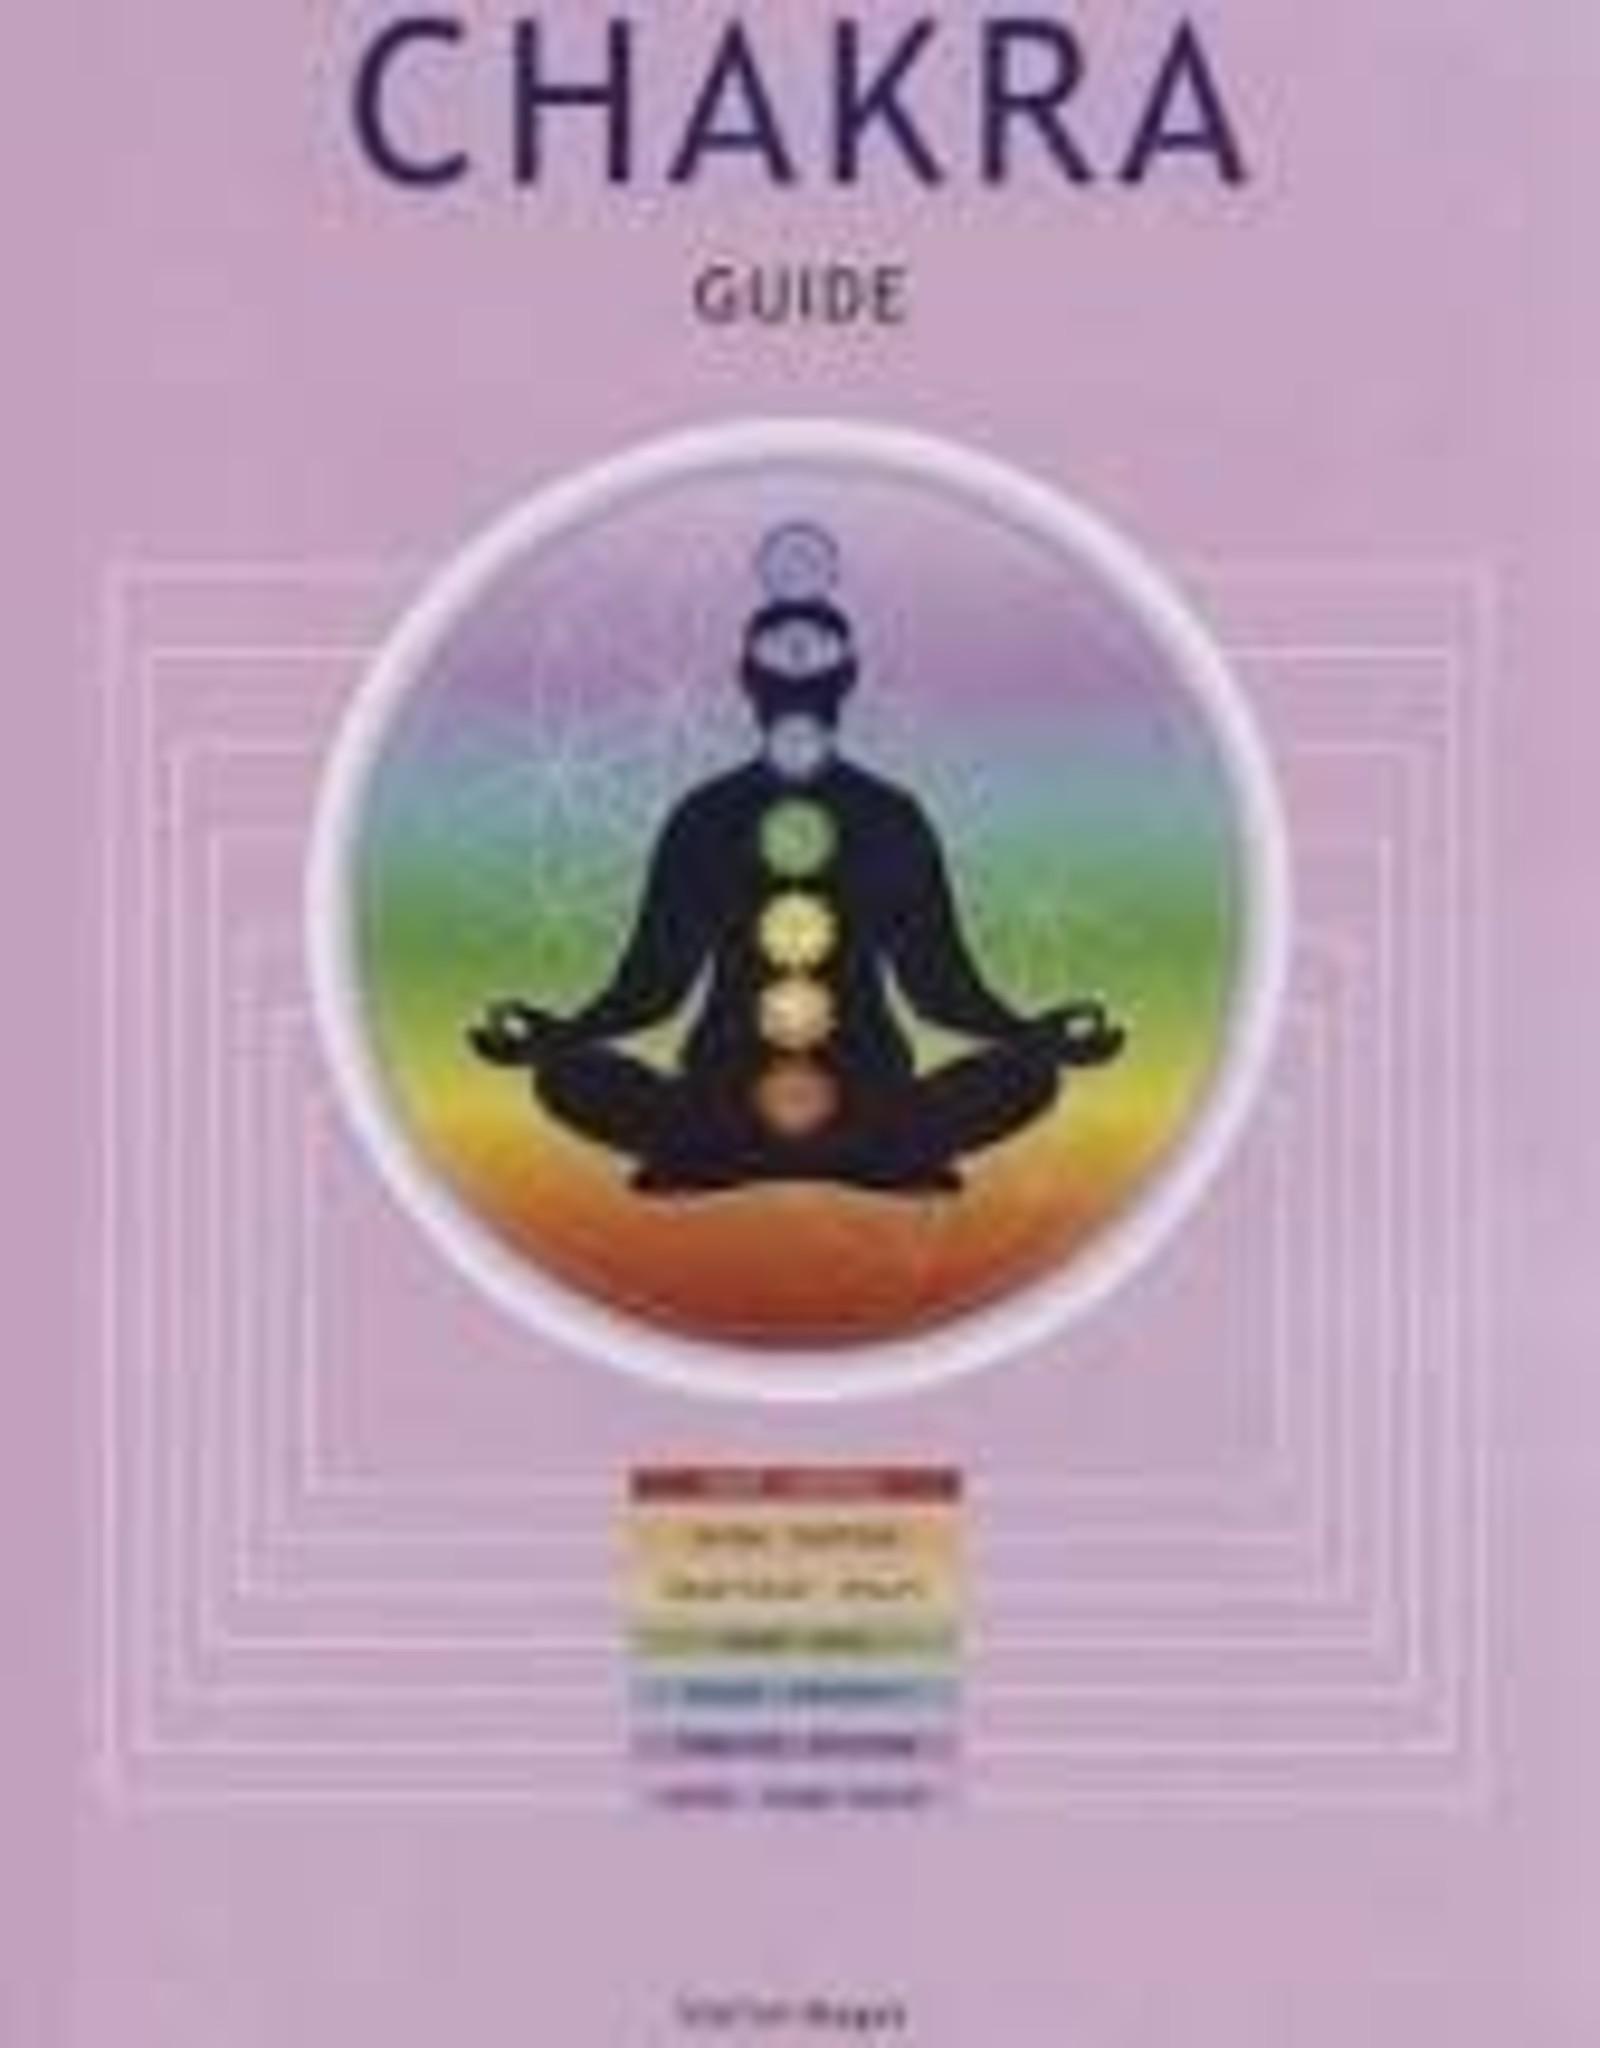 GUIDE: Chakra Guide